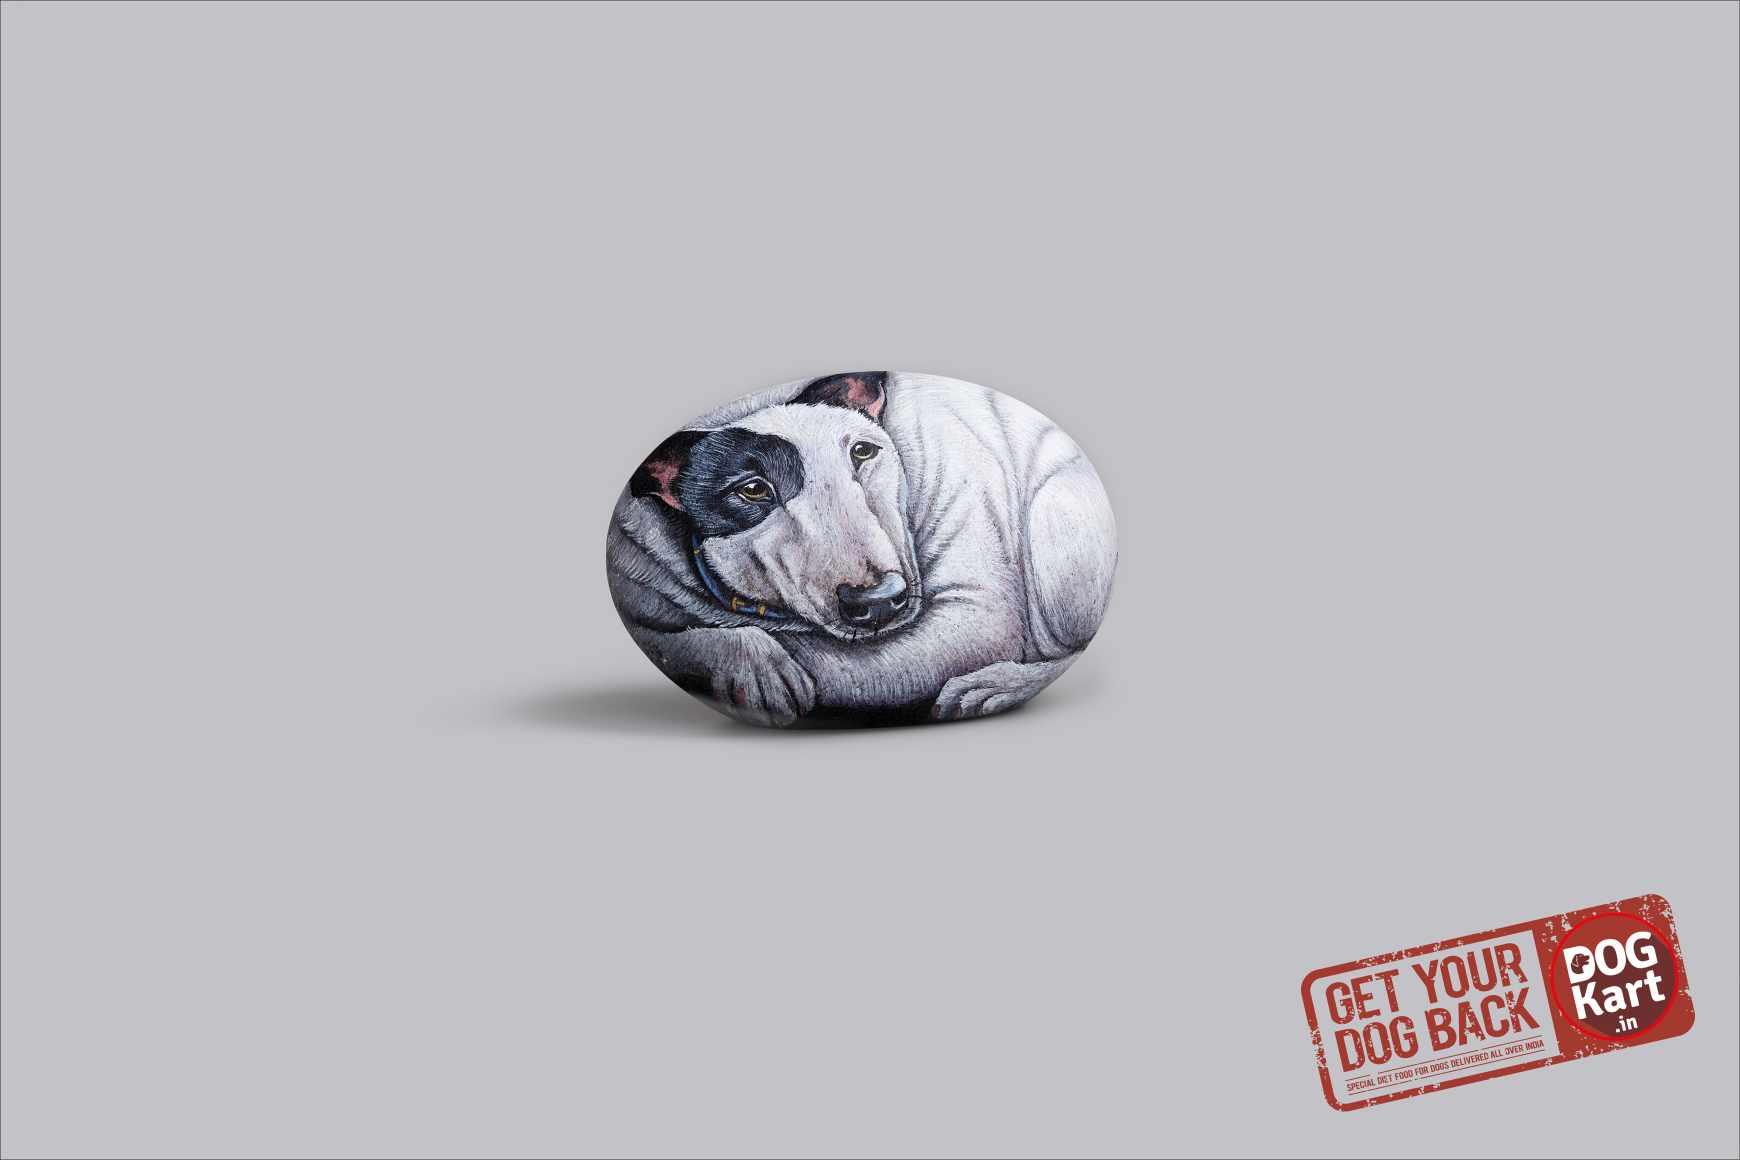 Dogkart Print Ad - Rock Heavy - Bull Terrier